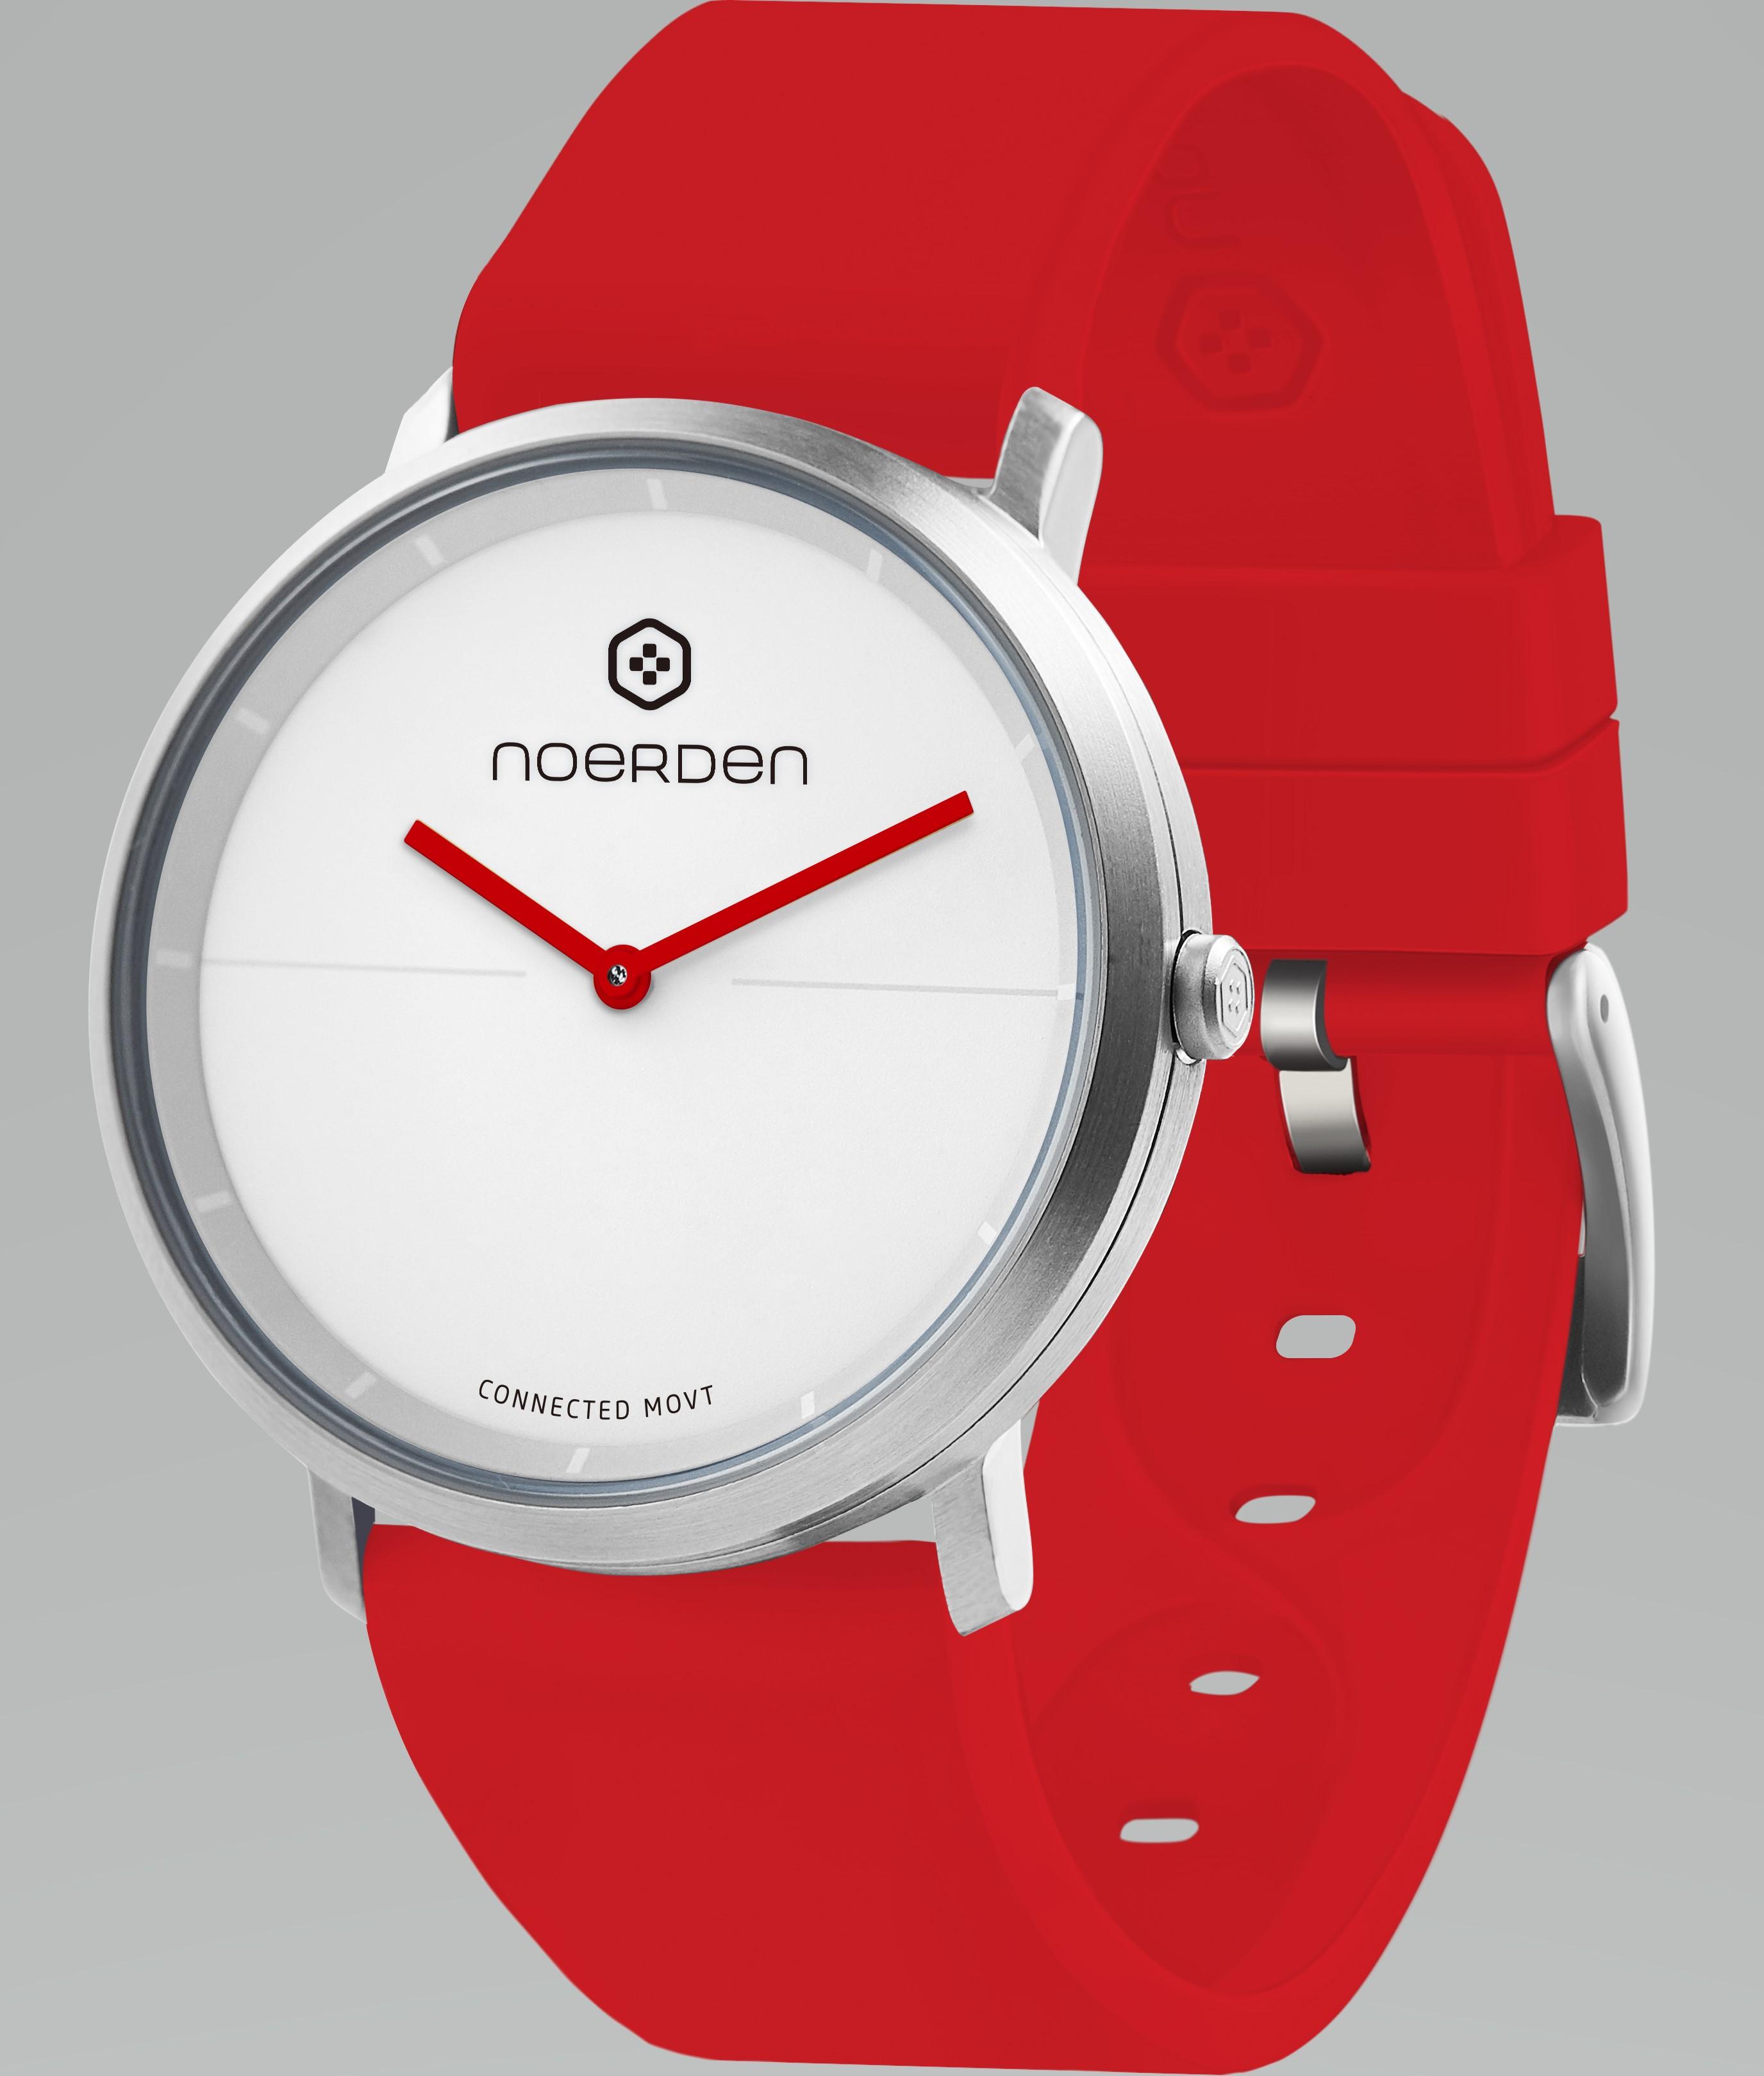 NOERDEN LIFE2 RED + dāvanā papildus siksniņa Viedais pulkstenis, smartwatch